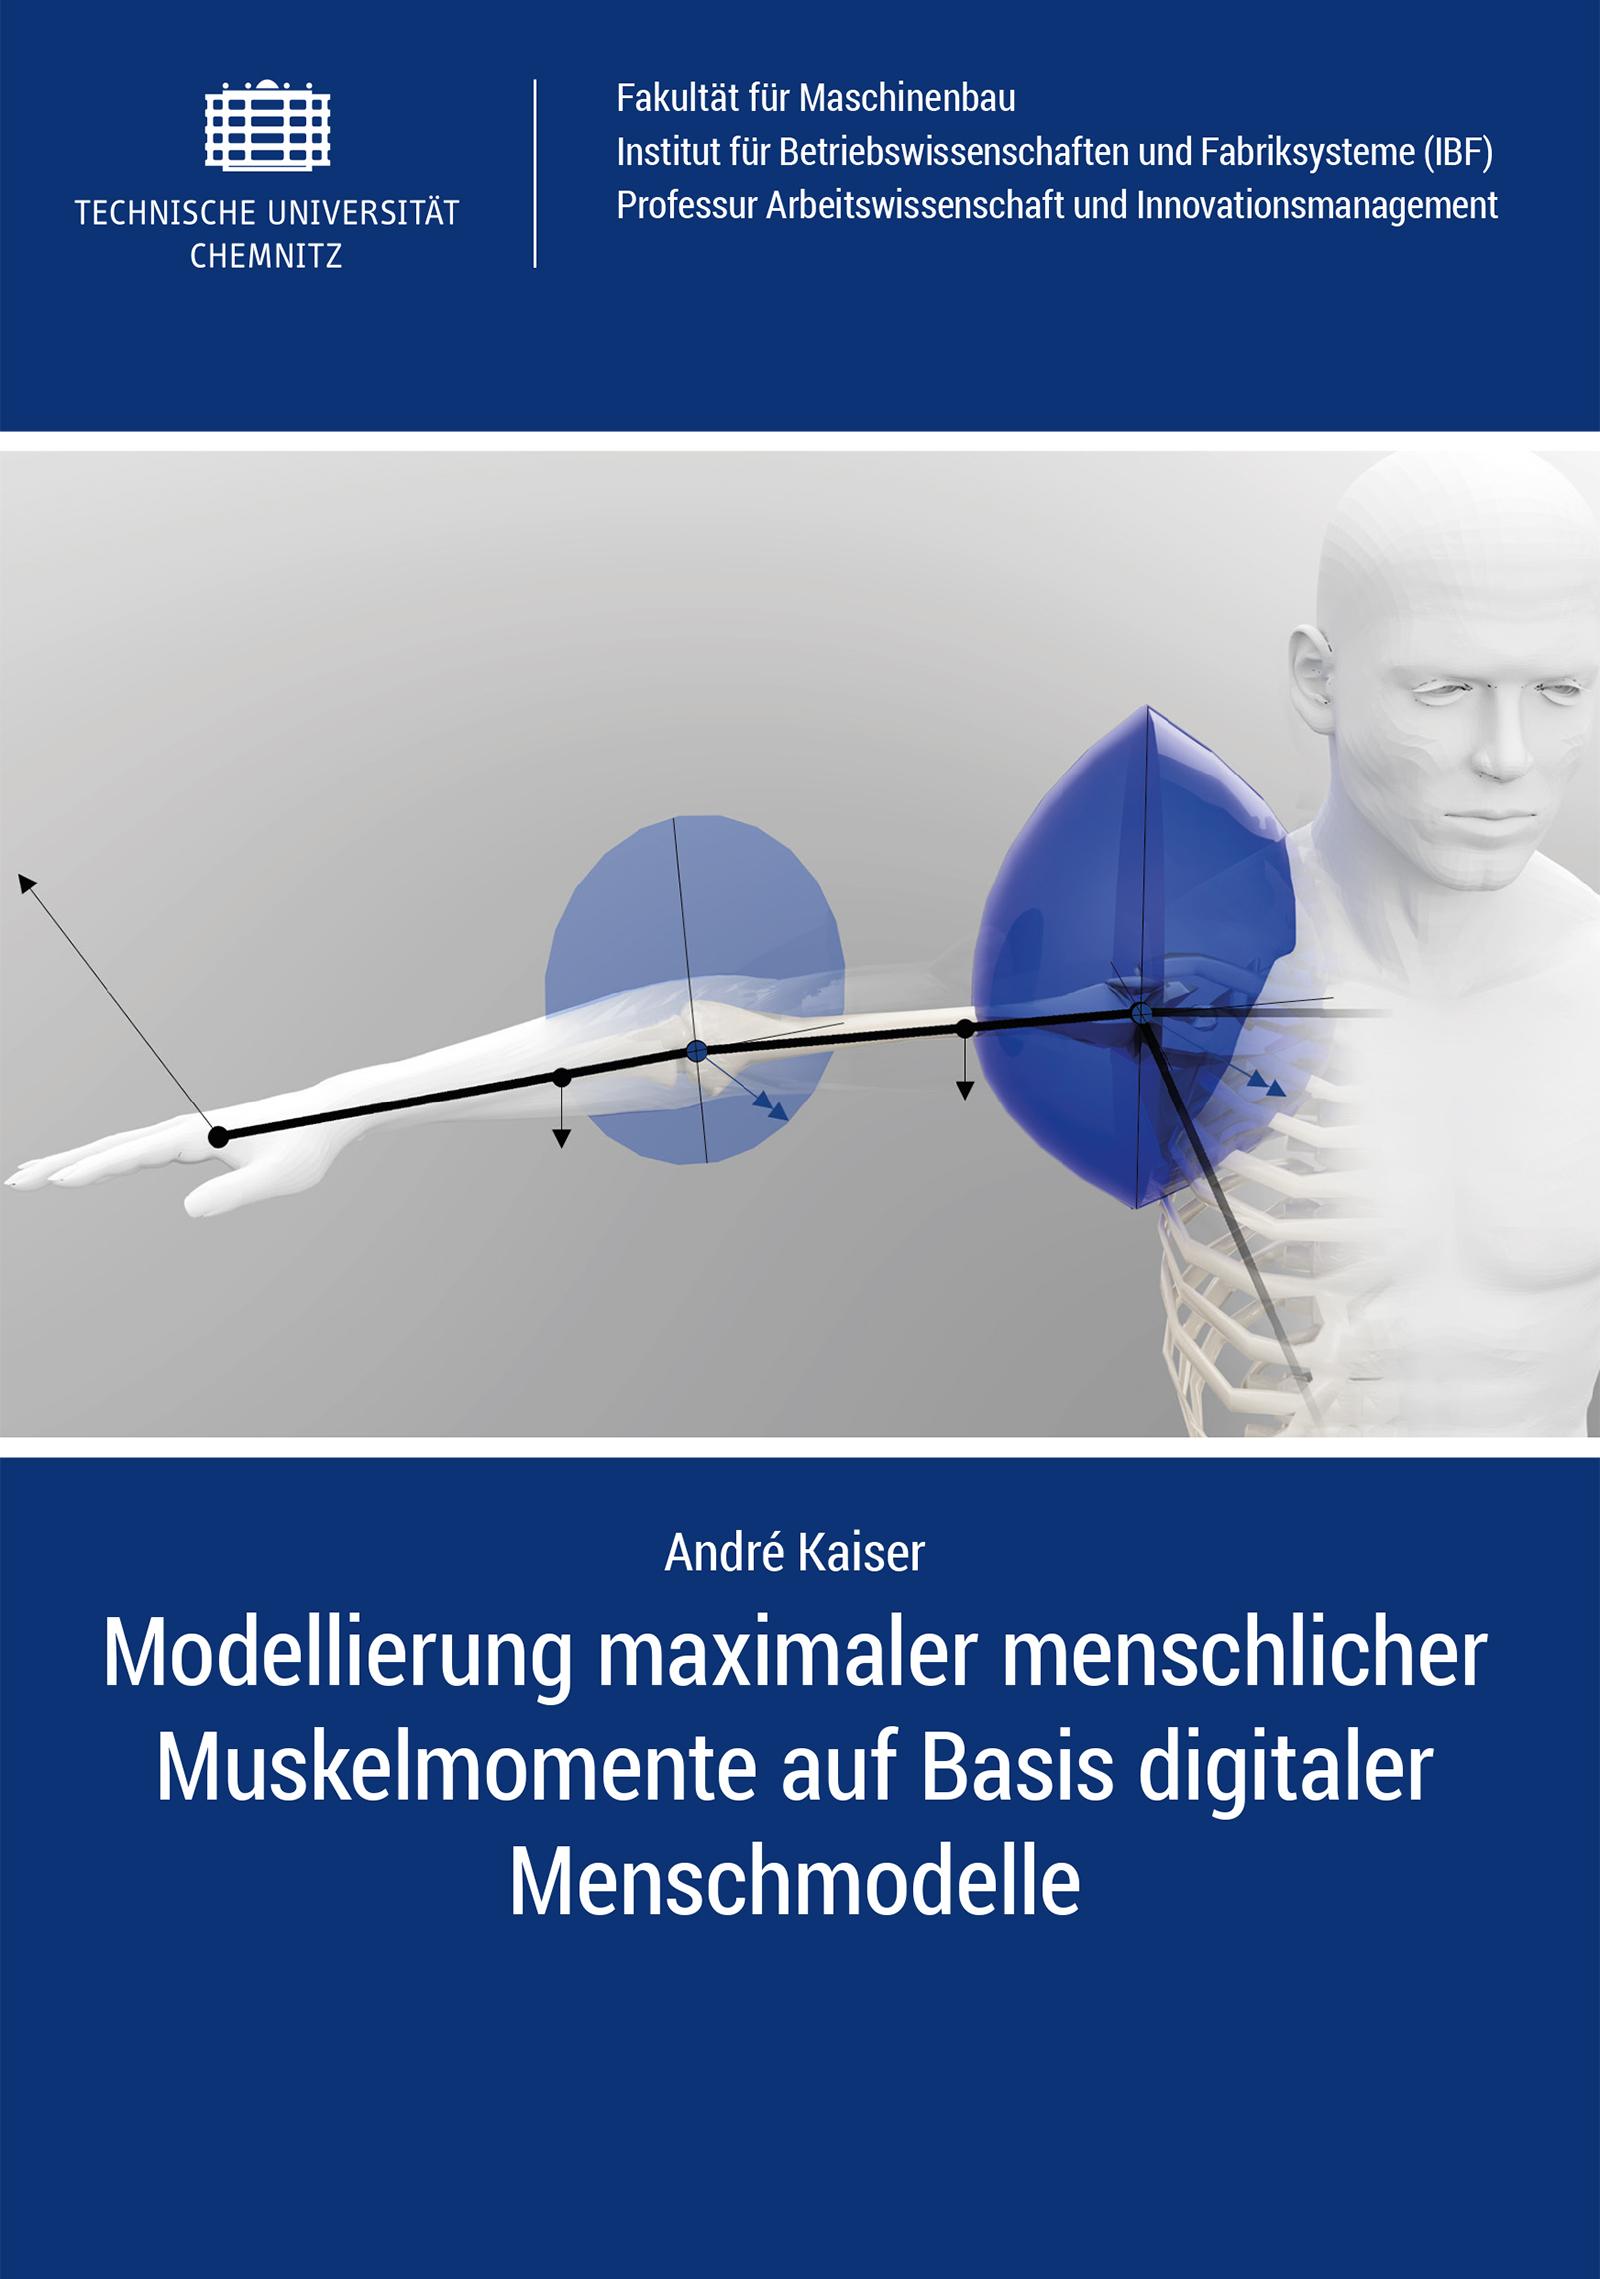 Cover: Modellierung maximaler menschlicher Muskelmomente auf Basis digitaler Menschmodelle - am Beispiel der oberen Extremitäten